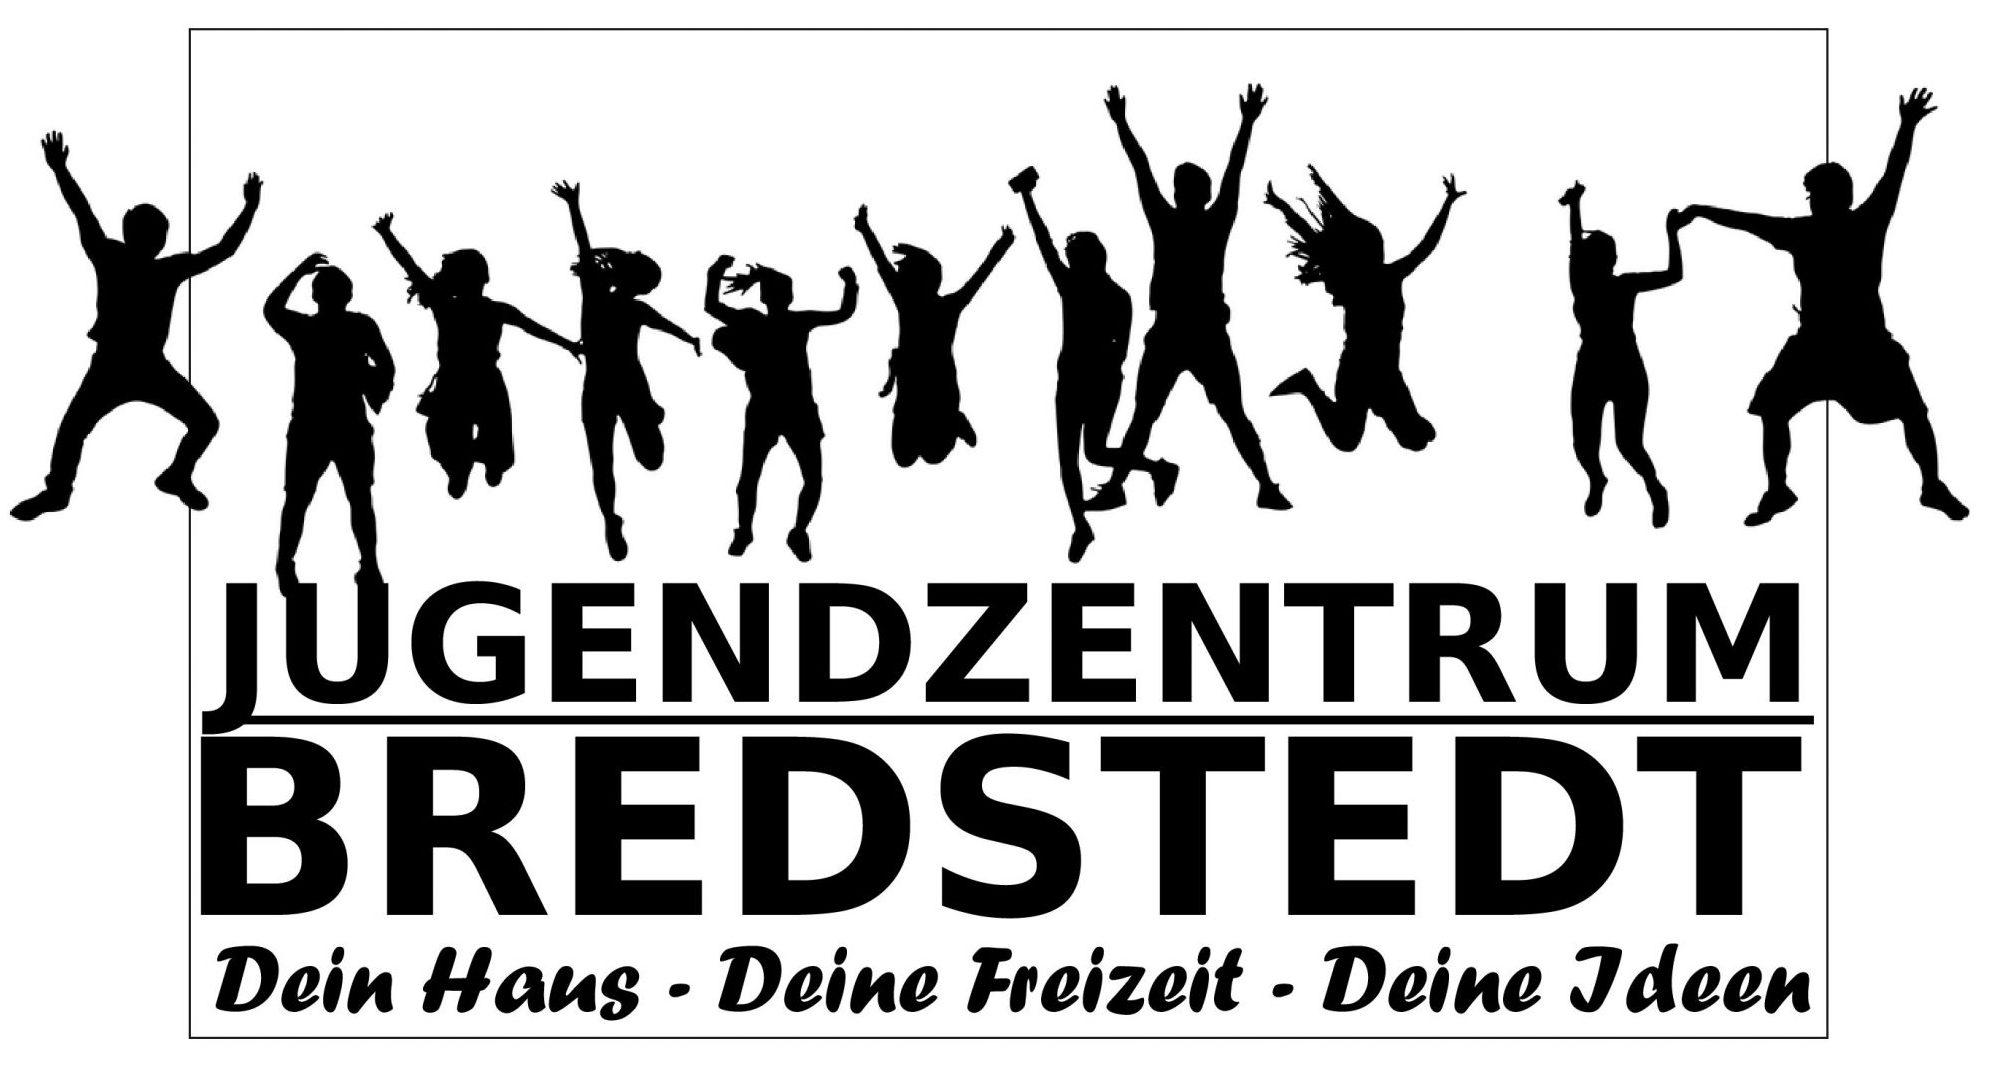 Jugendzentrum Bredstedt